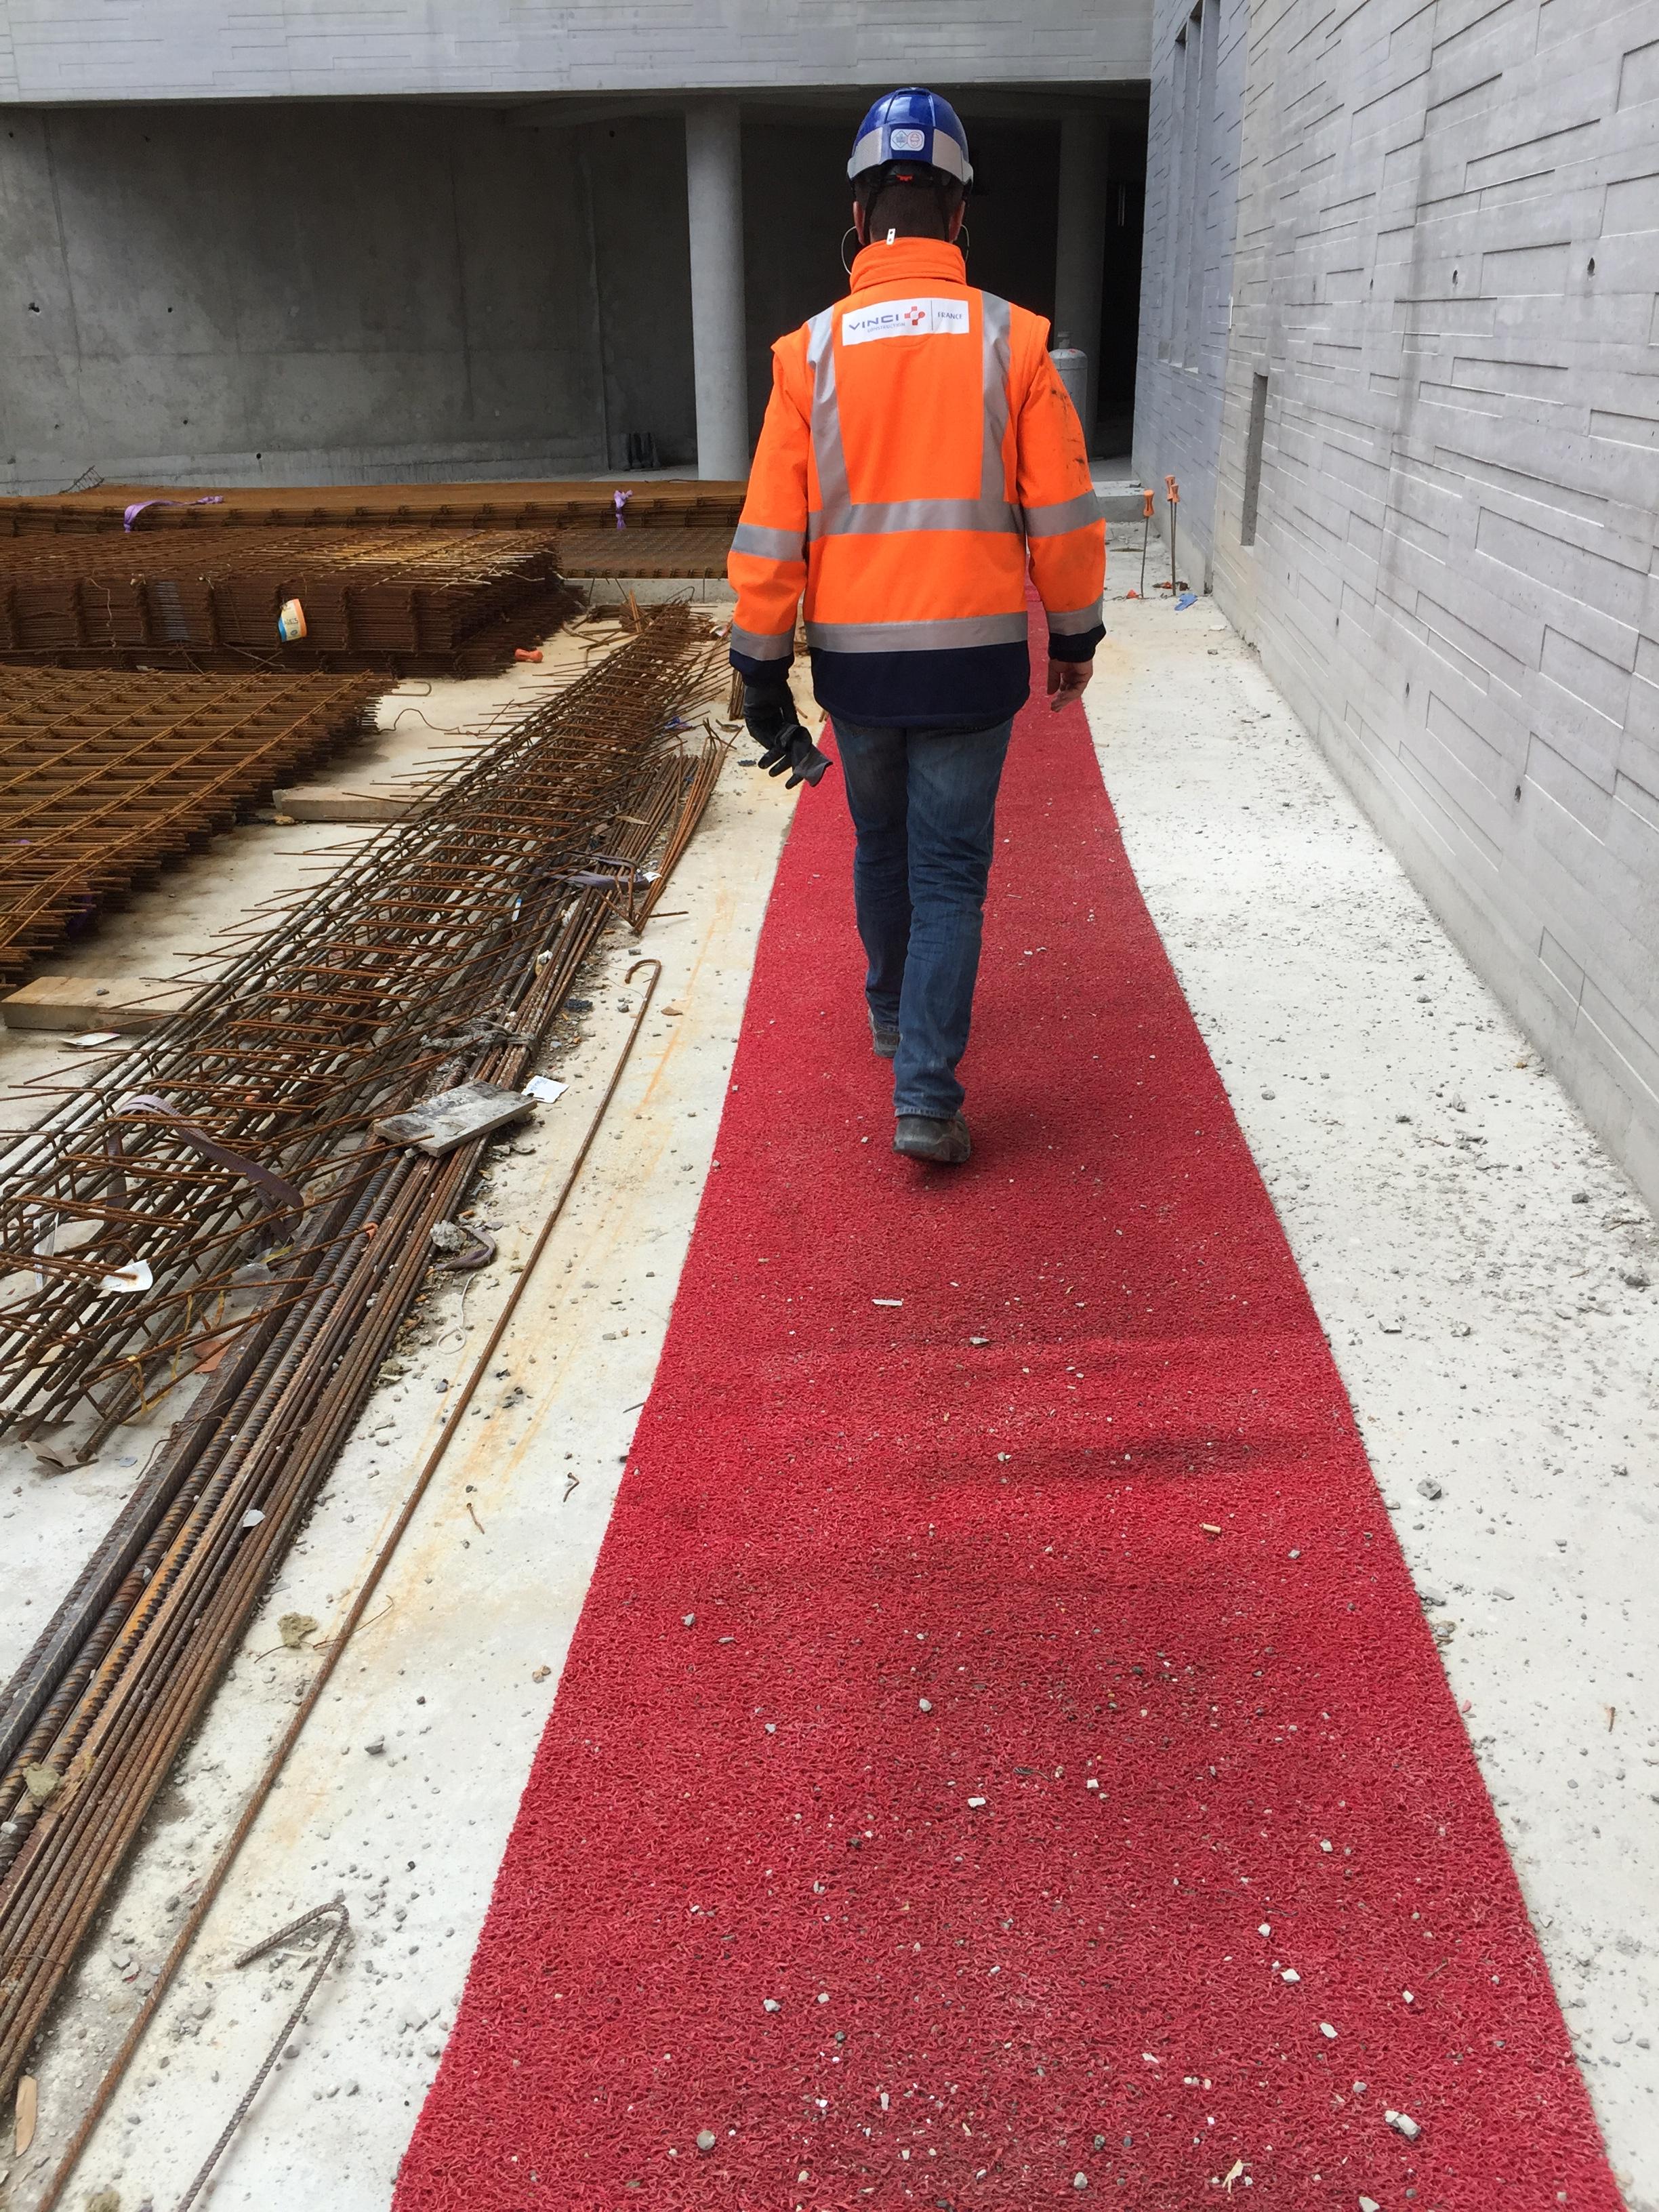 Boss Mat safety walkway / pedestrian walkway making sites safer